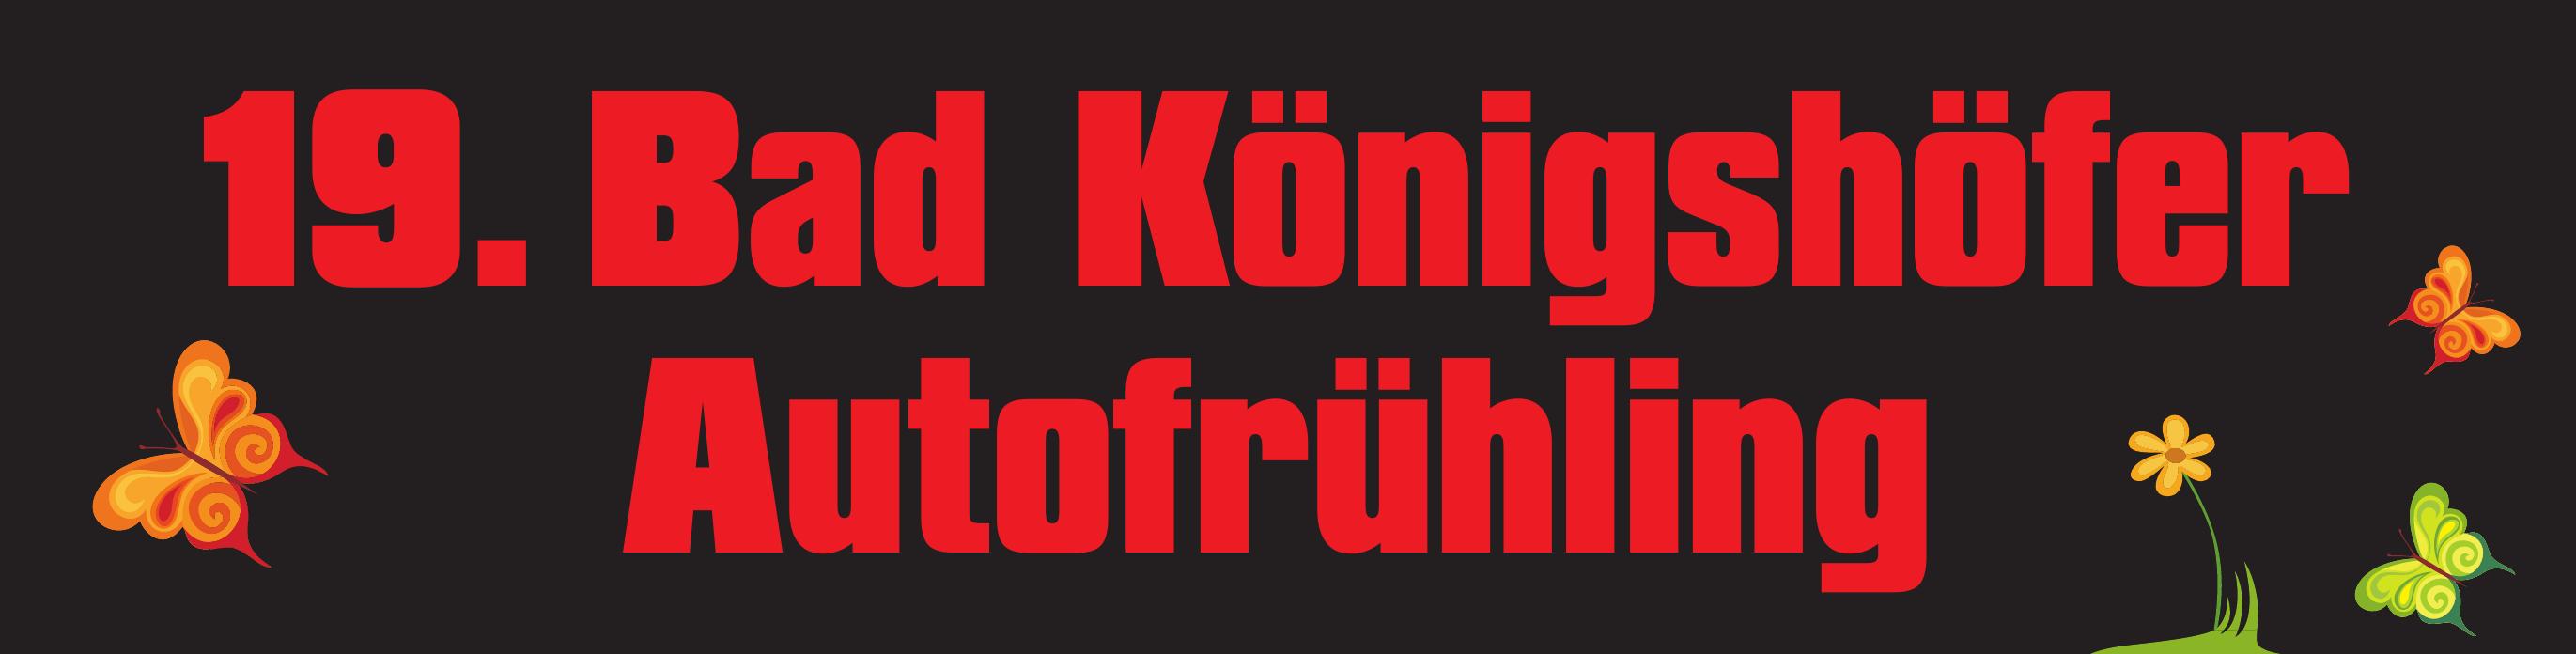 19. Bad Königshöfer Autofrühling Image 1